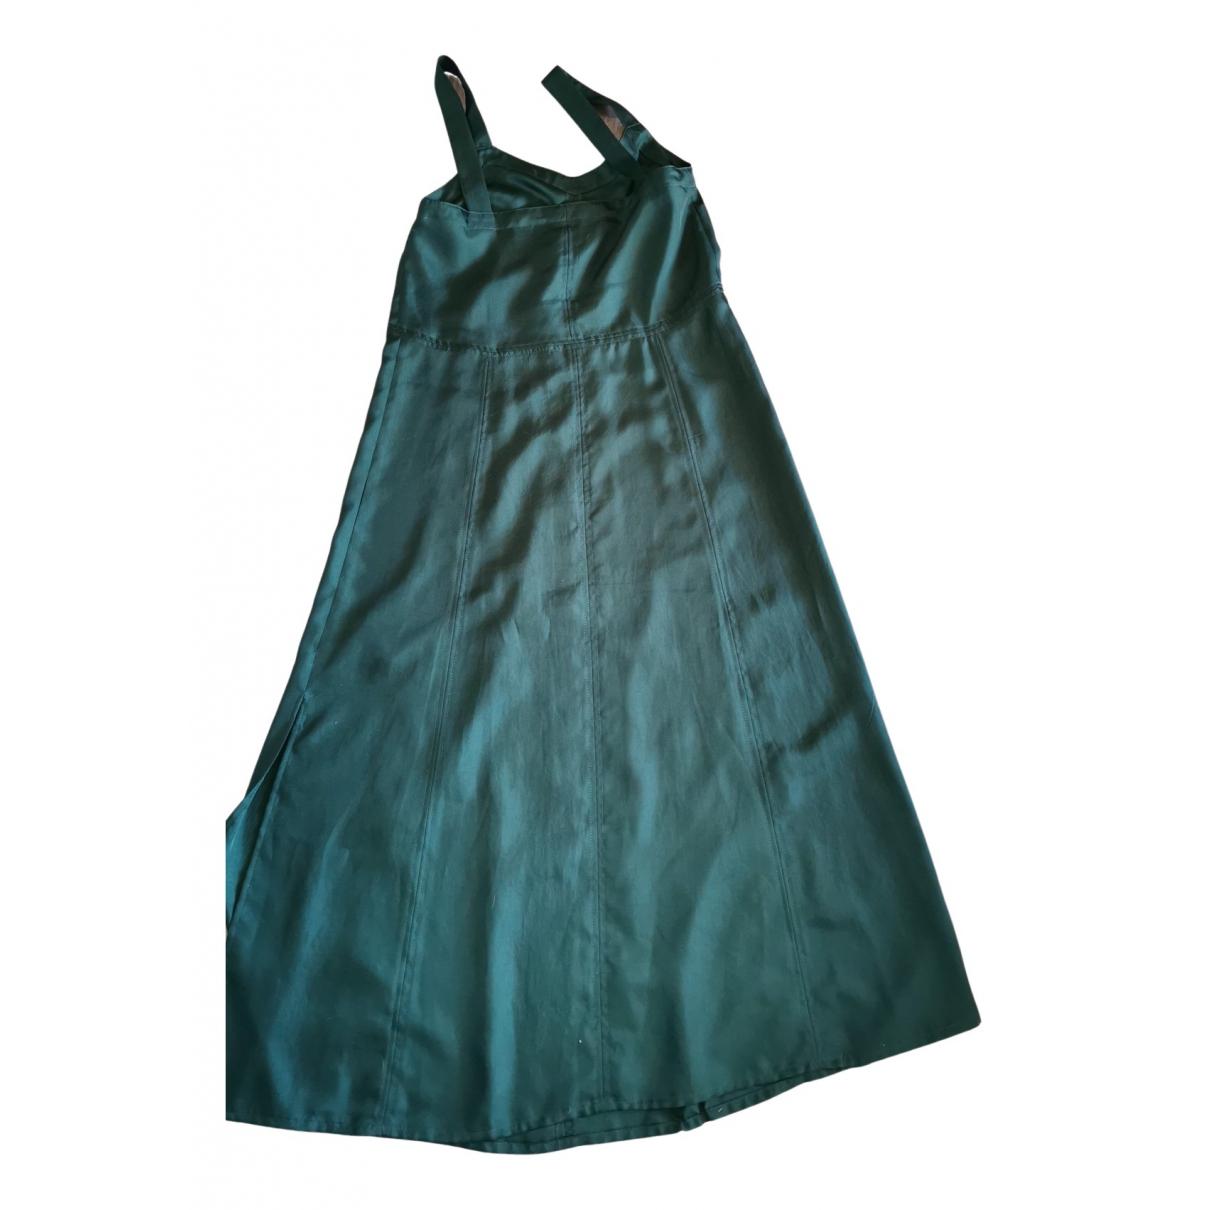 Soeur \N Kleid in  Gruen Polyester